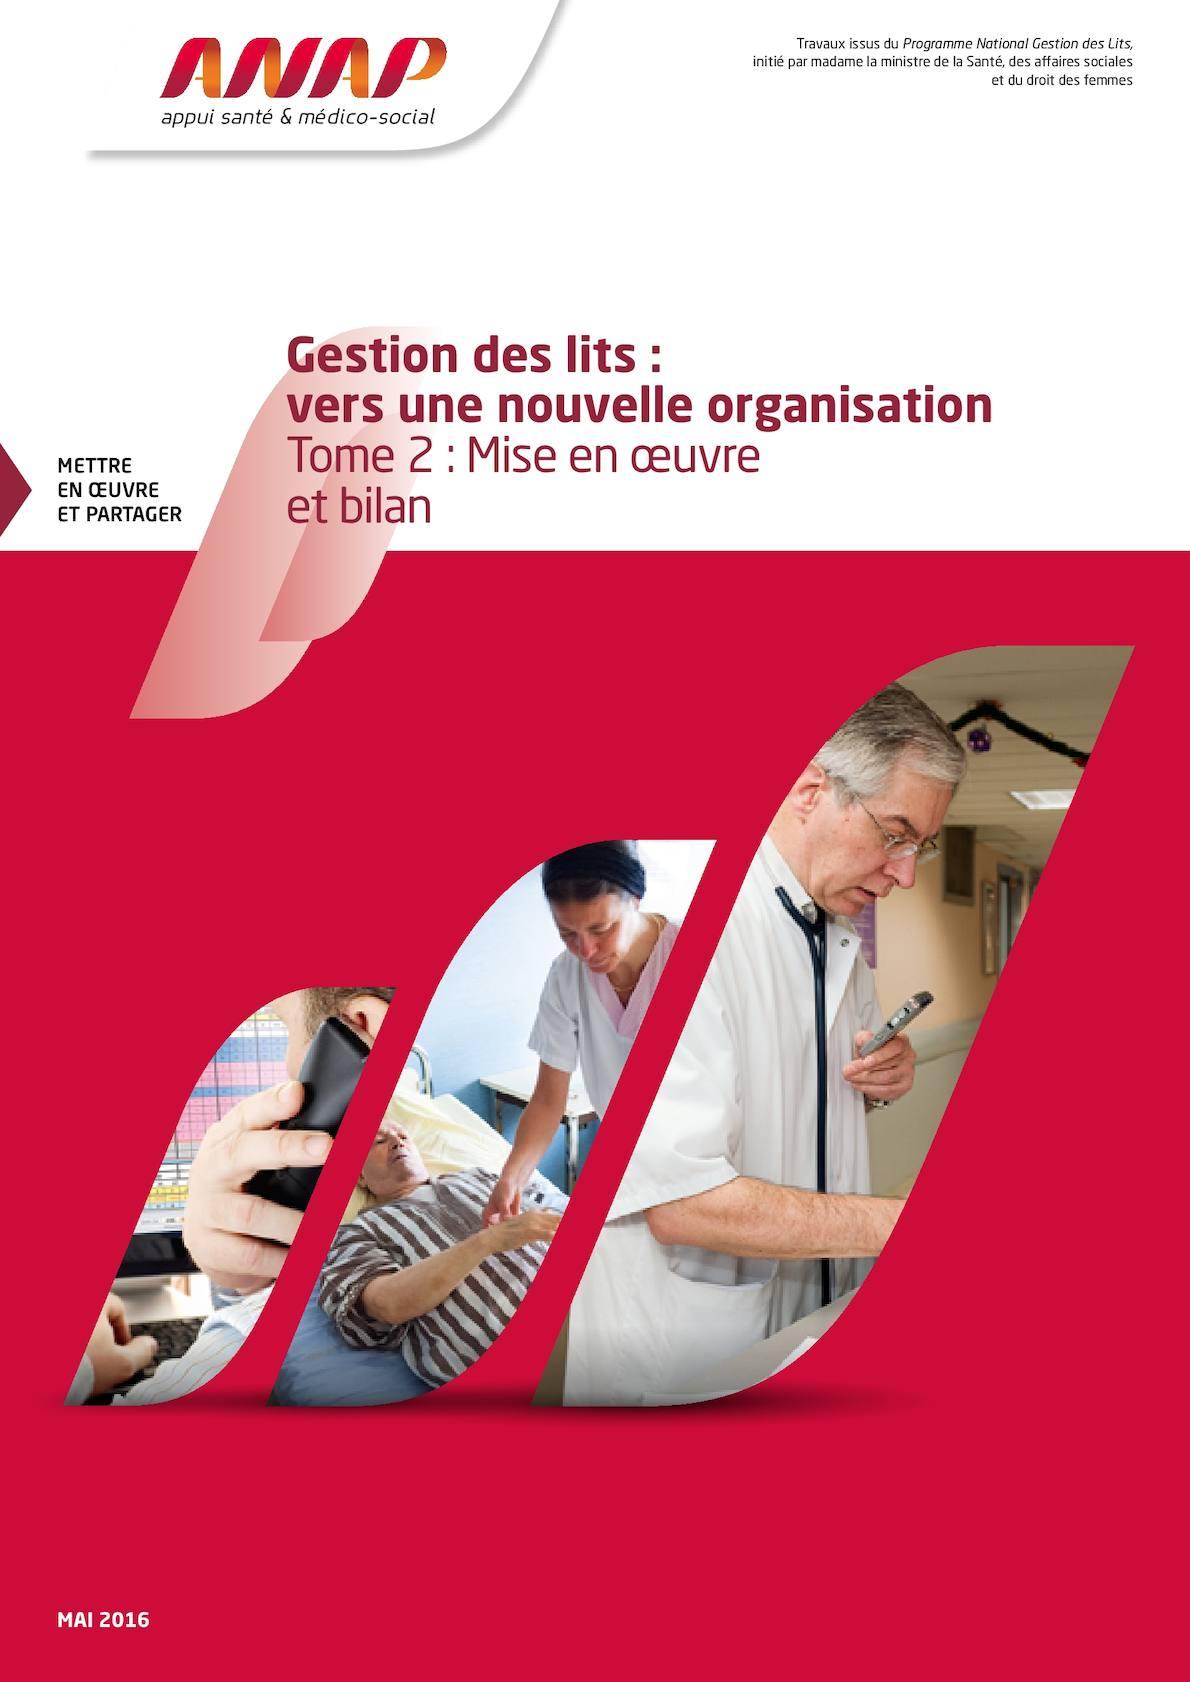 Gestion_des_lits_vers_une_nouvelle_organisation_Tome_2_Mise_en_oeuvre_et_bilan